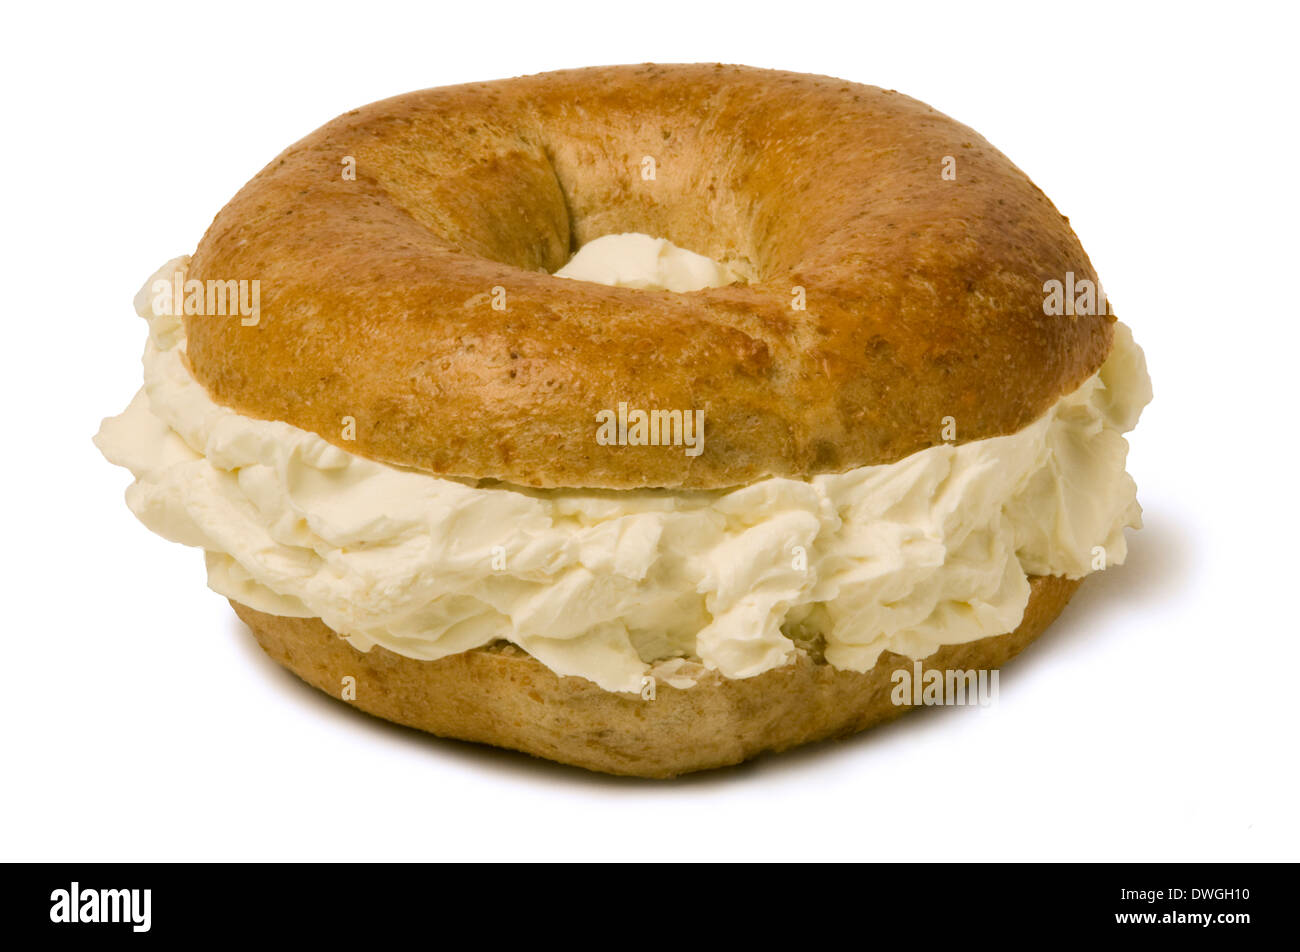 Bagel de blé entier rempli d'une quantité généreuse de fromage à la crème Photo Stock